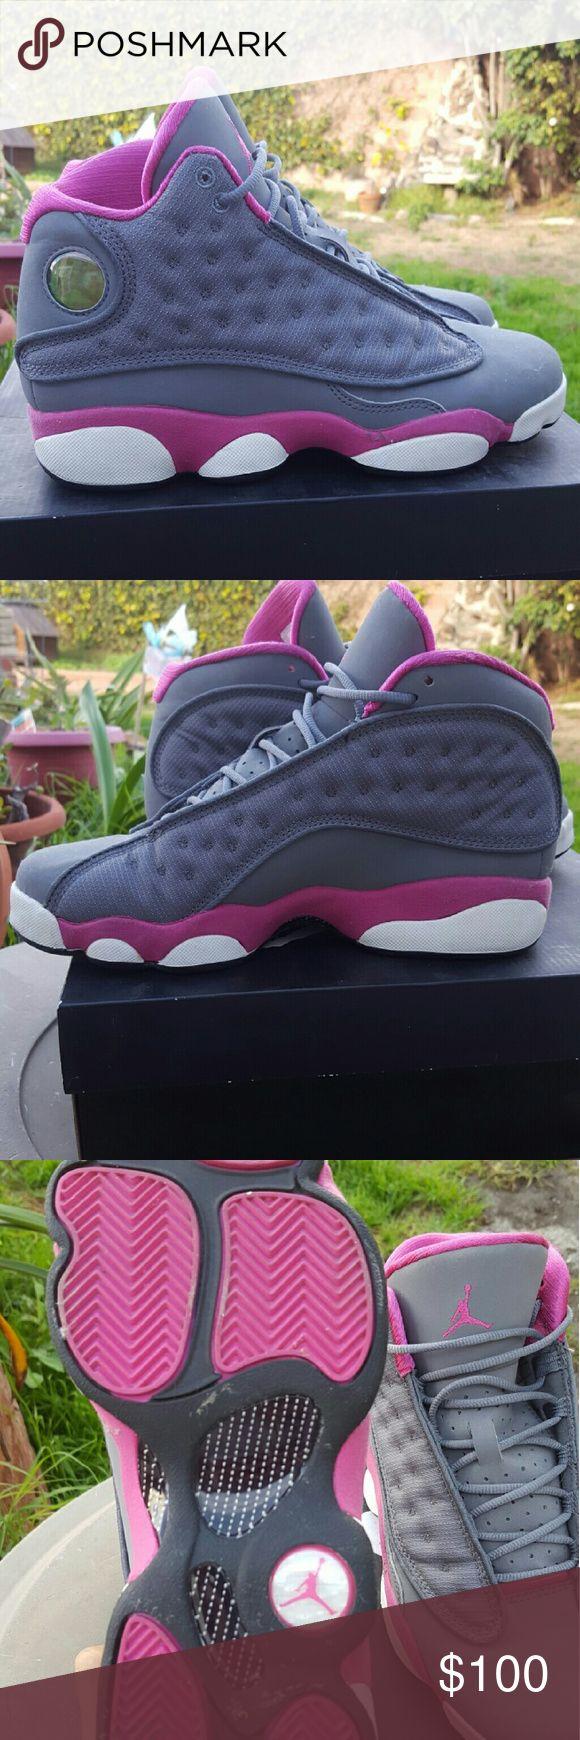 Jordan xiii 6.5 in women's pink and grey Women's Jordan's xiii brand  new, pink and grey Jordan Shoes Sneakers